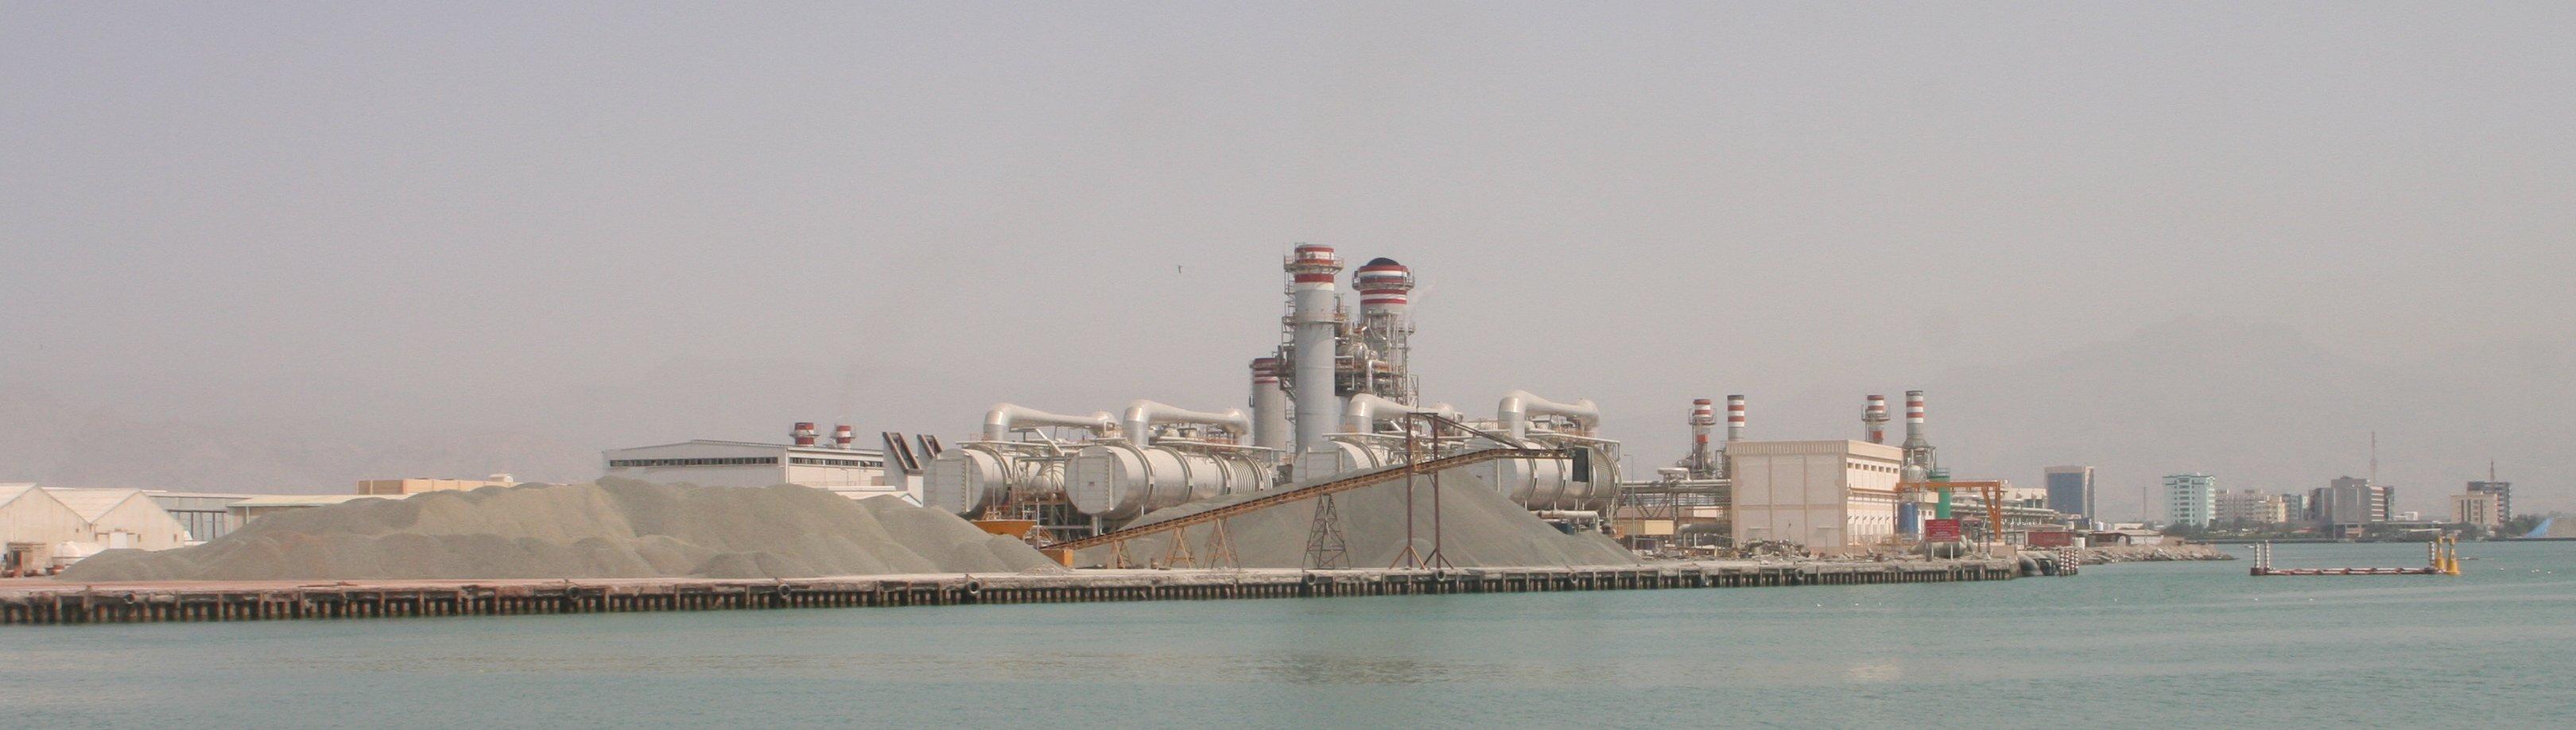 File Desalination plant RAK Wikimedia mons